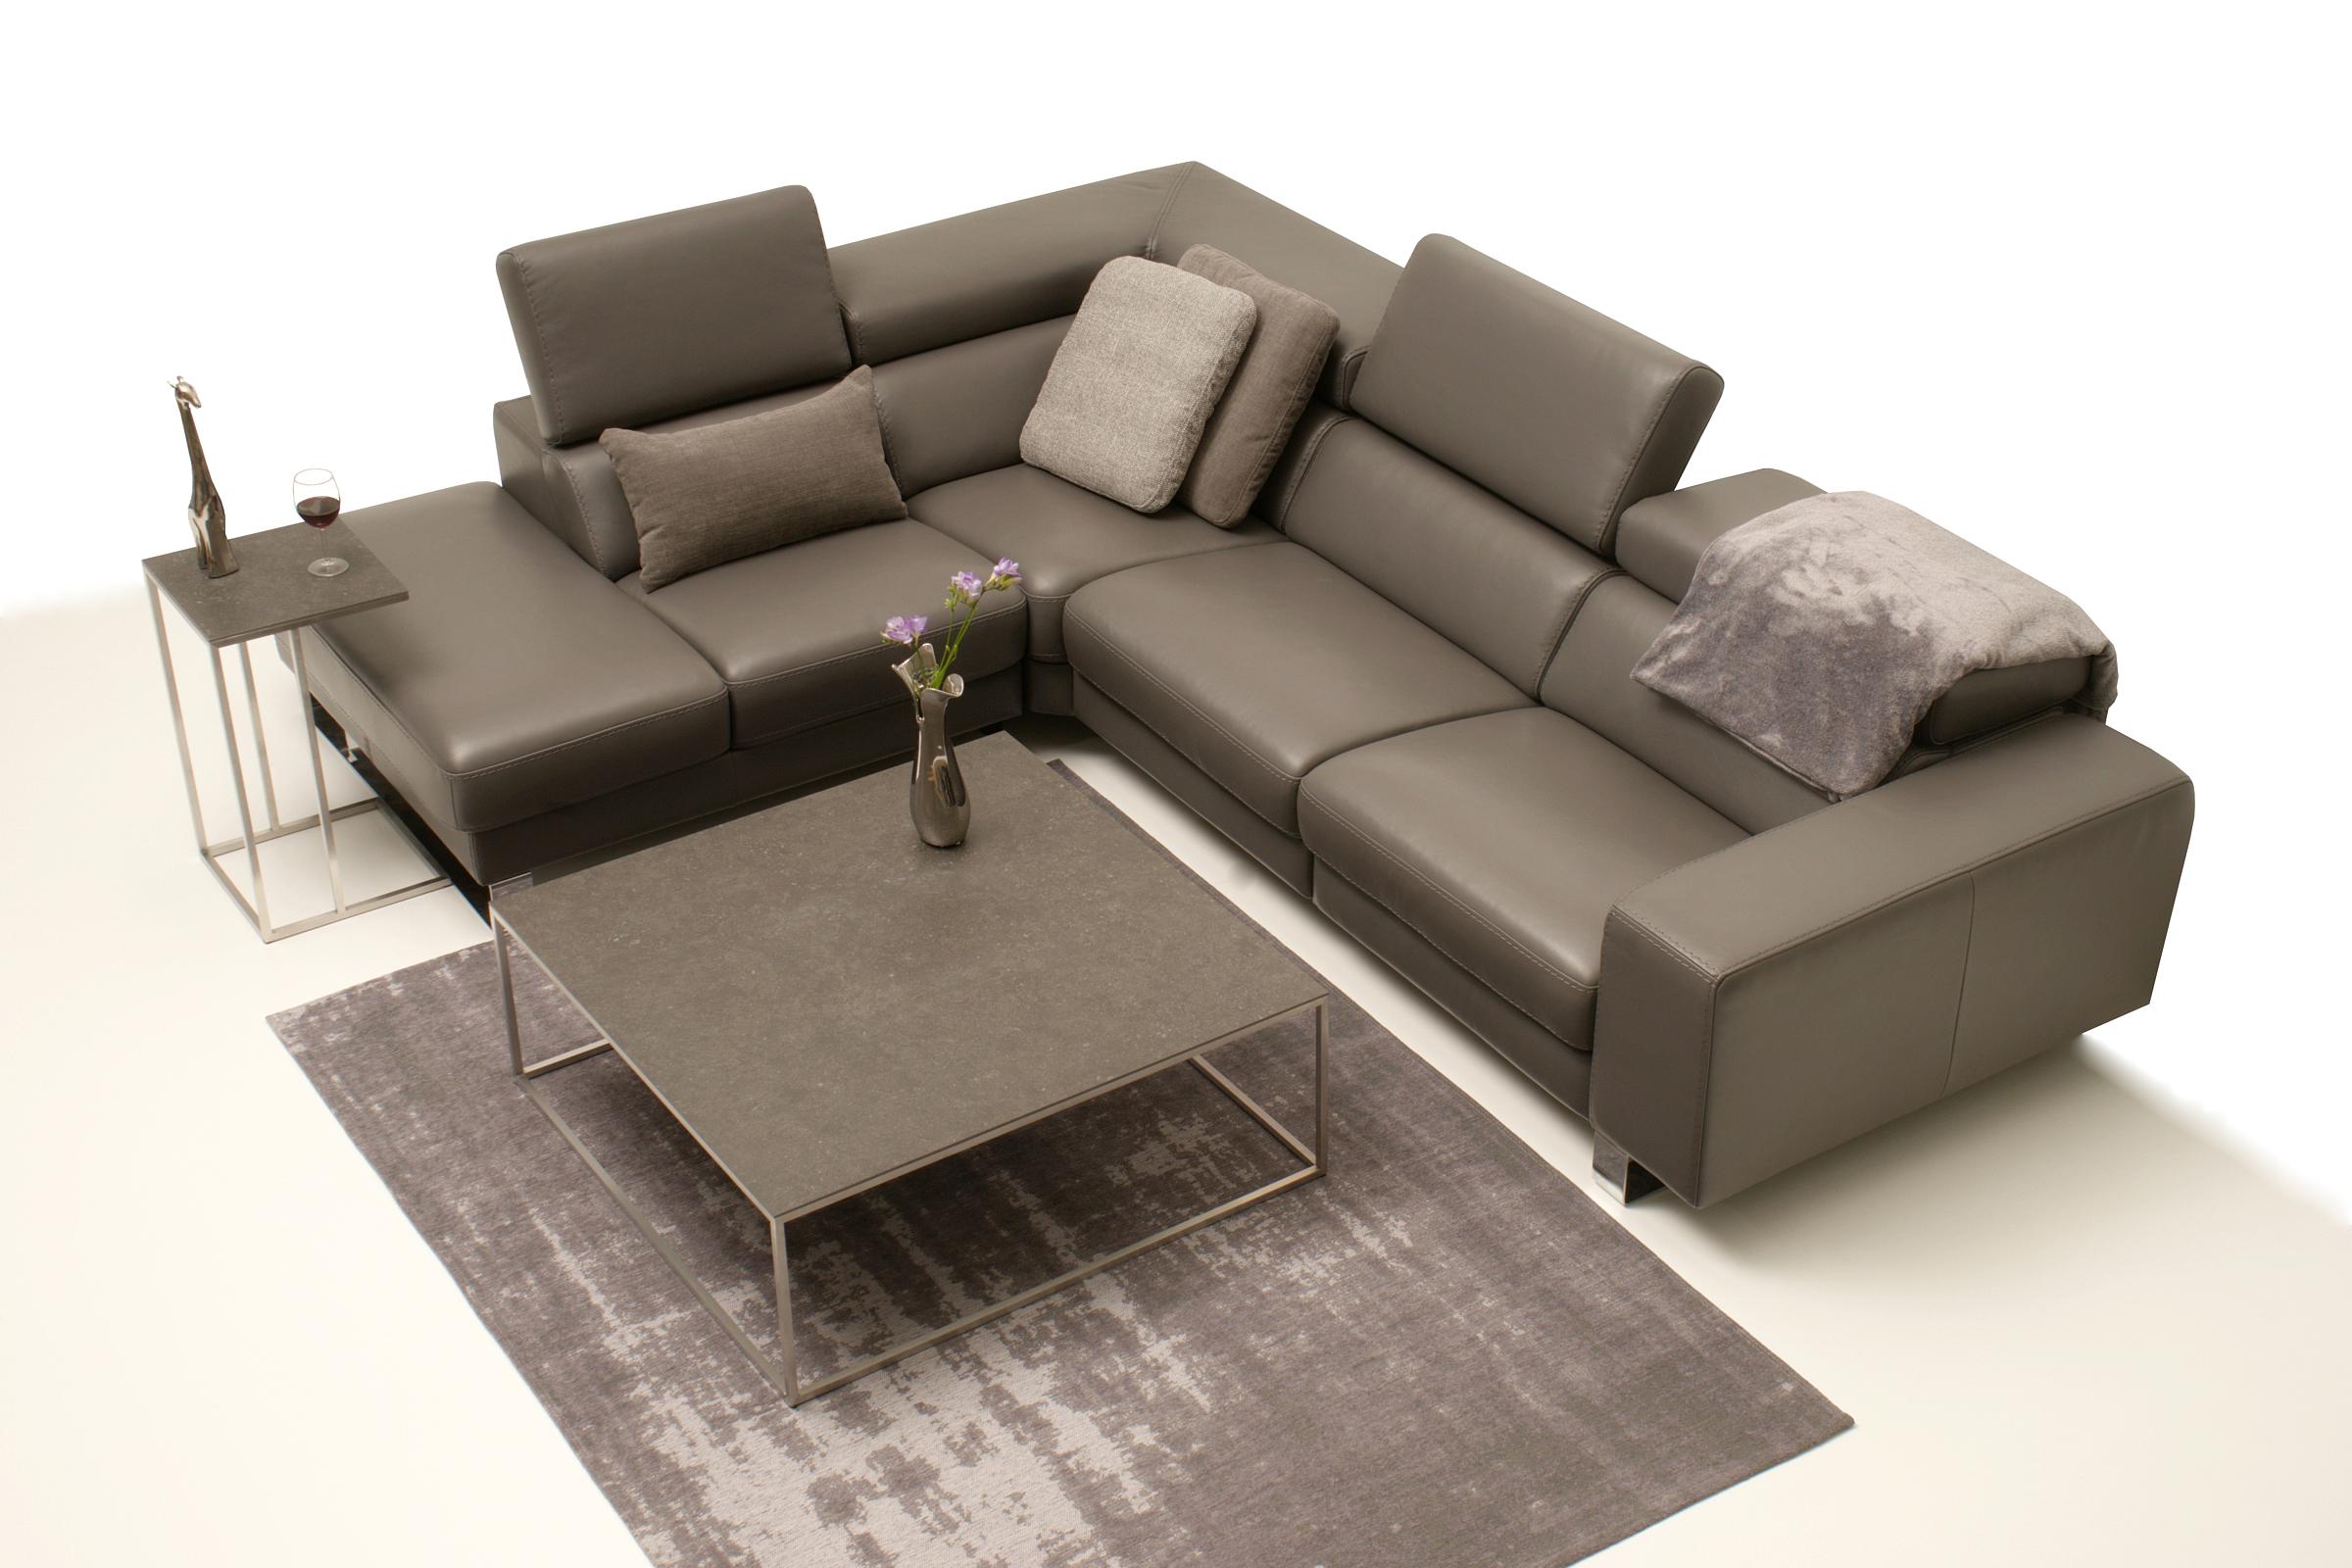 Bugamo2 - brązowy skórzany narożnik do salonu - meble wypoczynkowe klasy premium